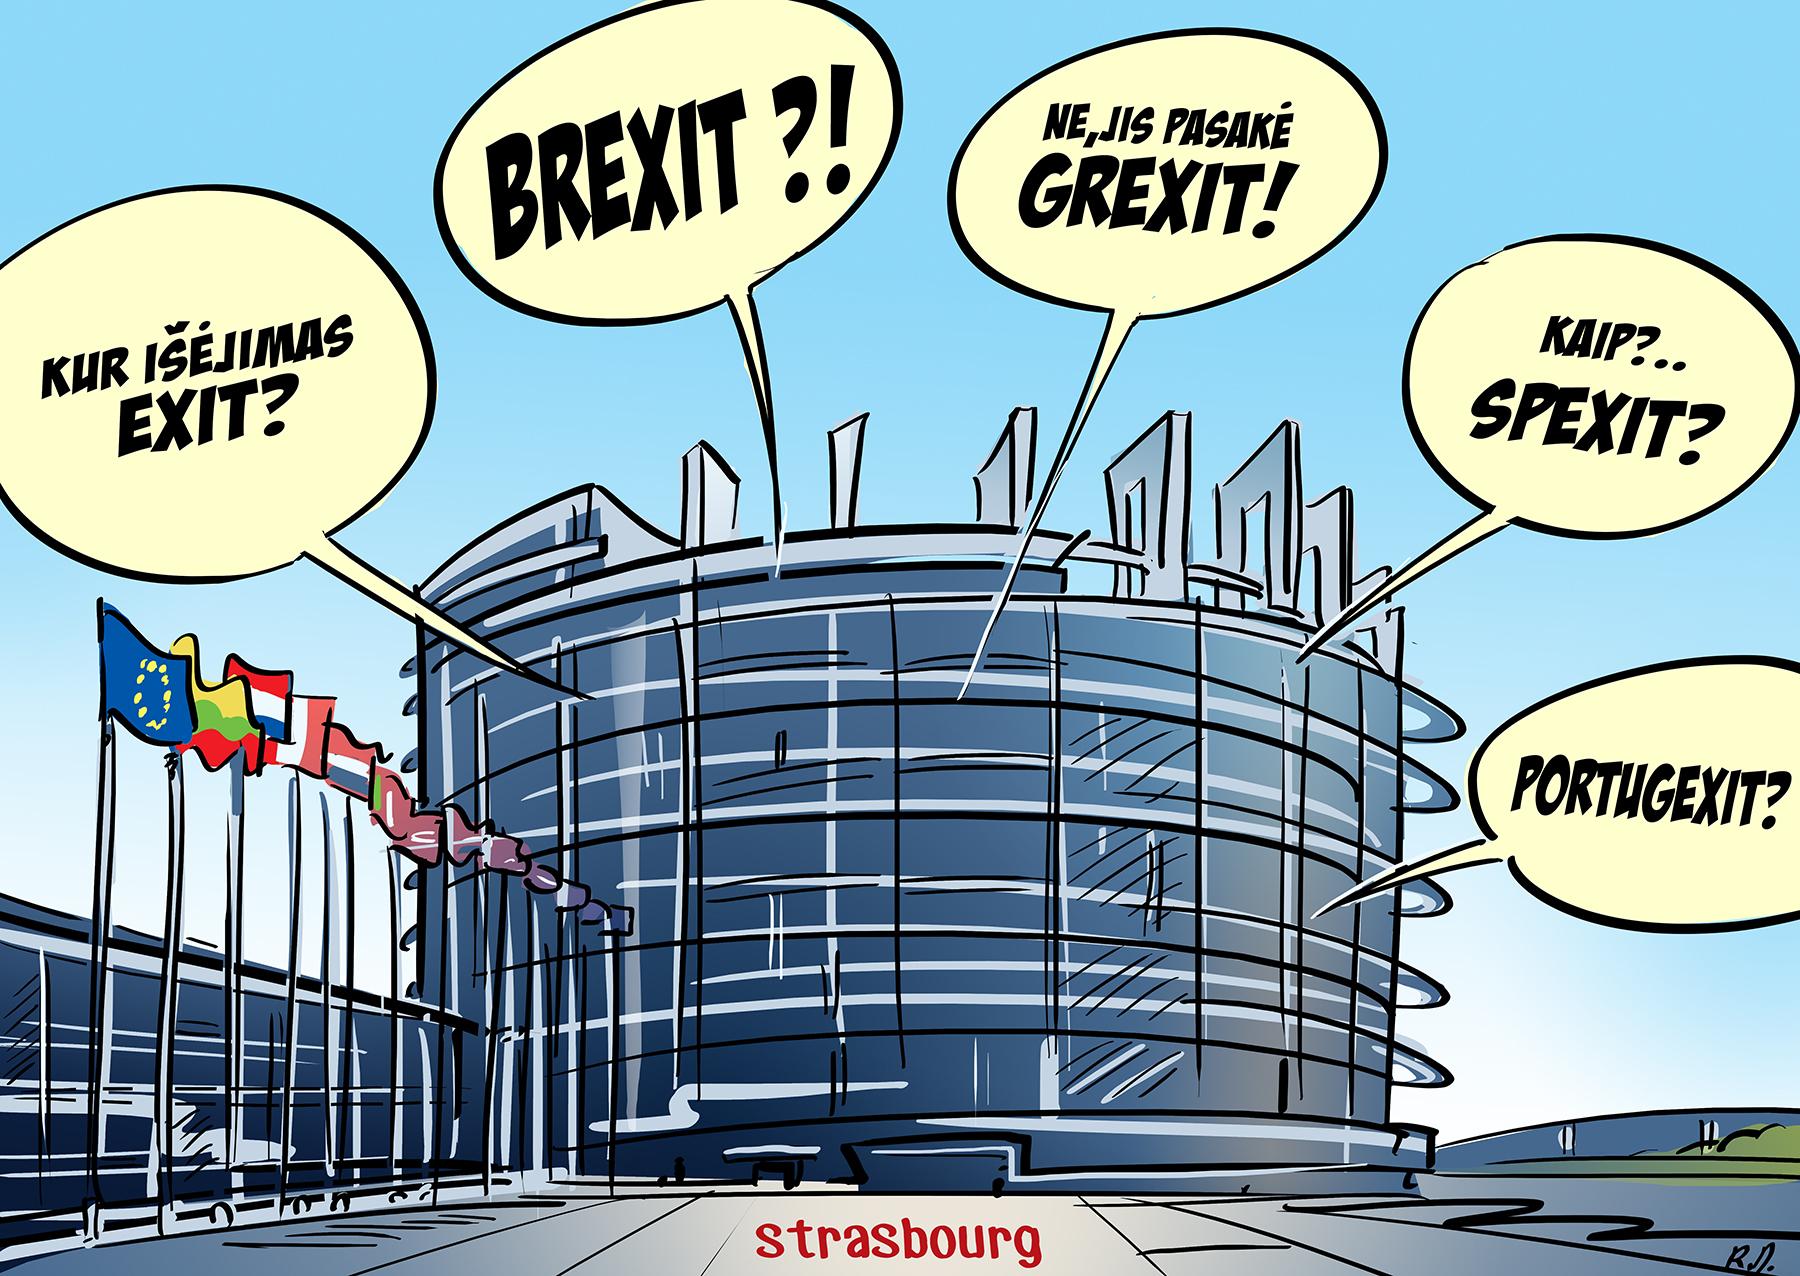 brexit-grexit-eu-cartoon.jpg